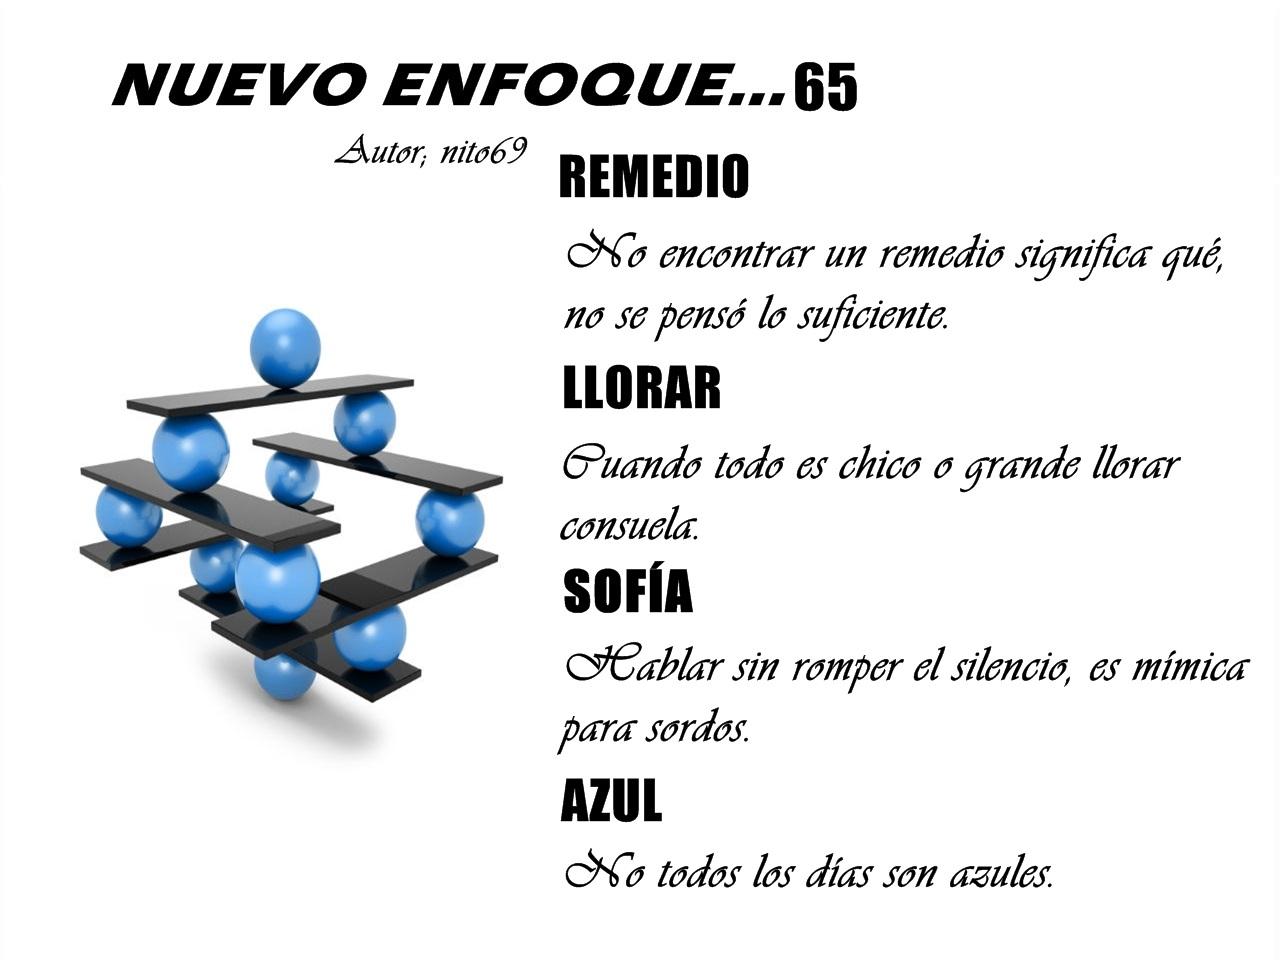 NUEVO ENFOQUE…65